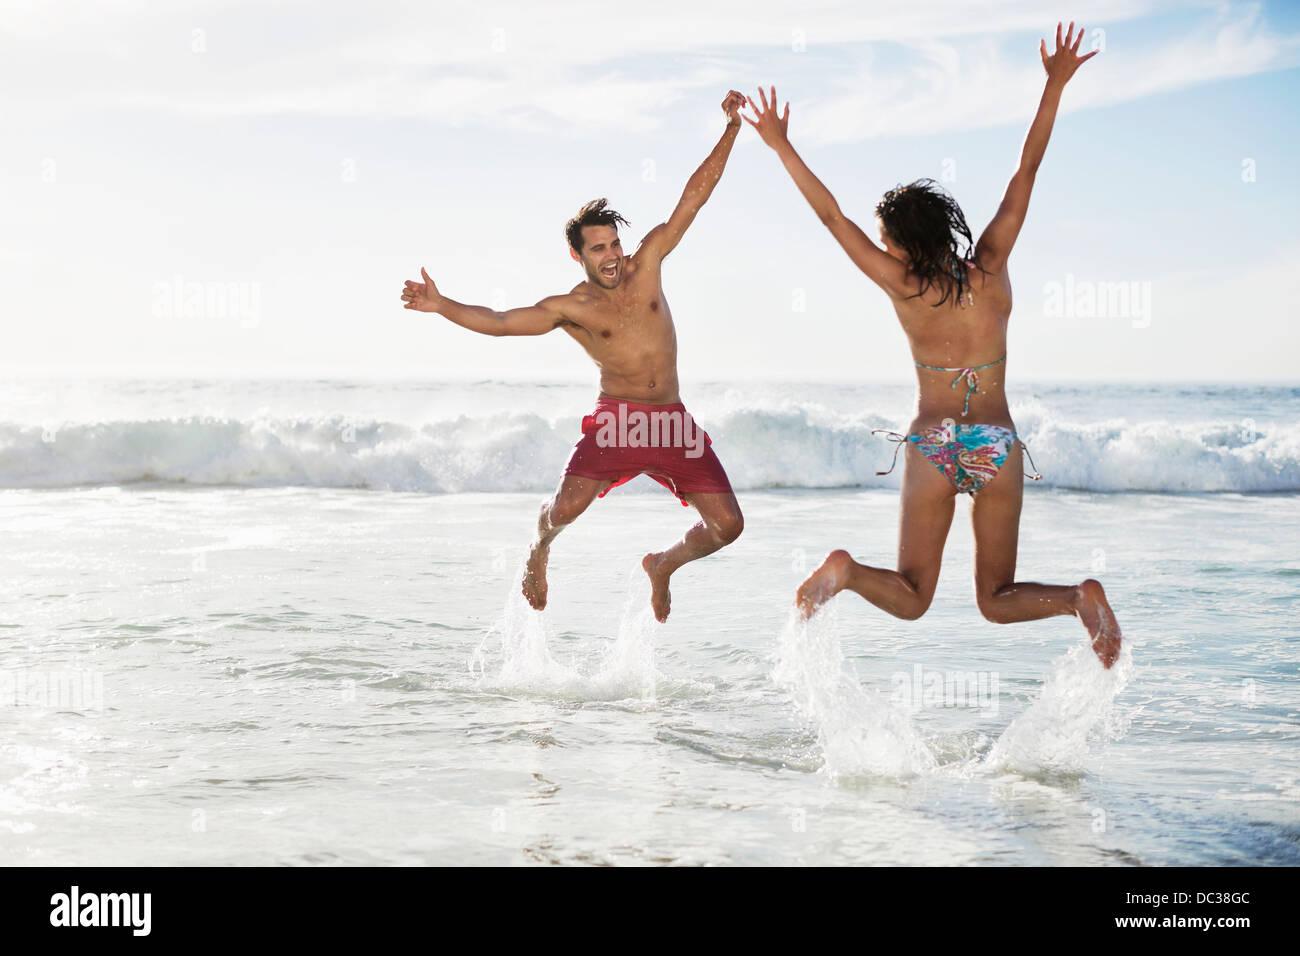 Par saltando con los brazos levantados en la playa Imagen De Stock